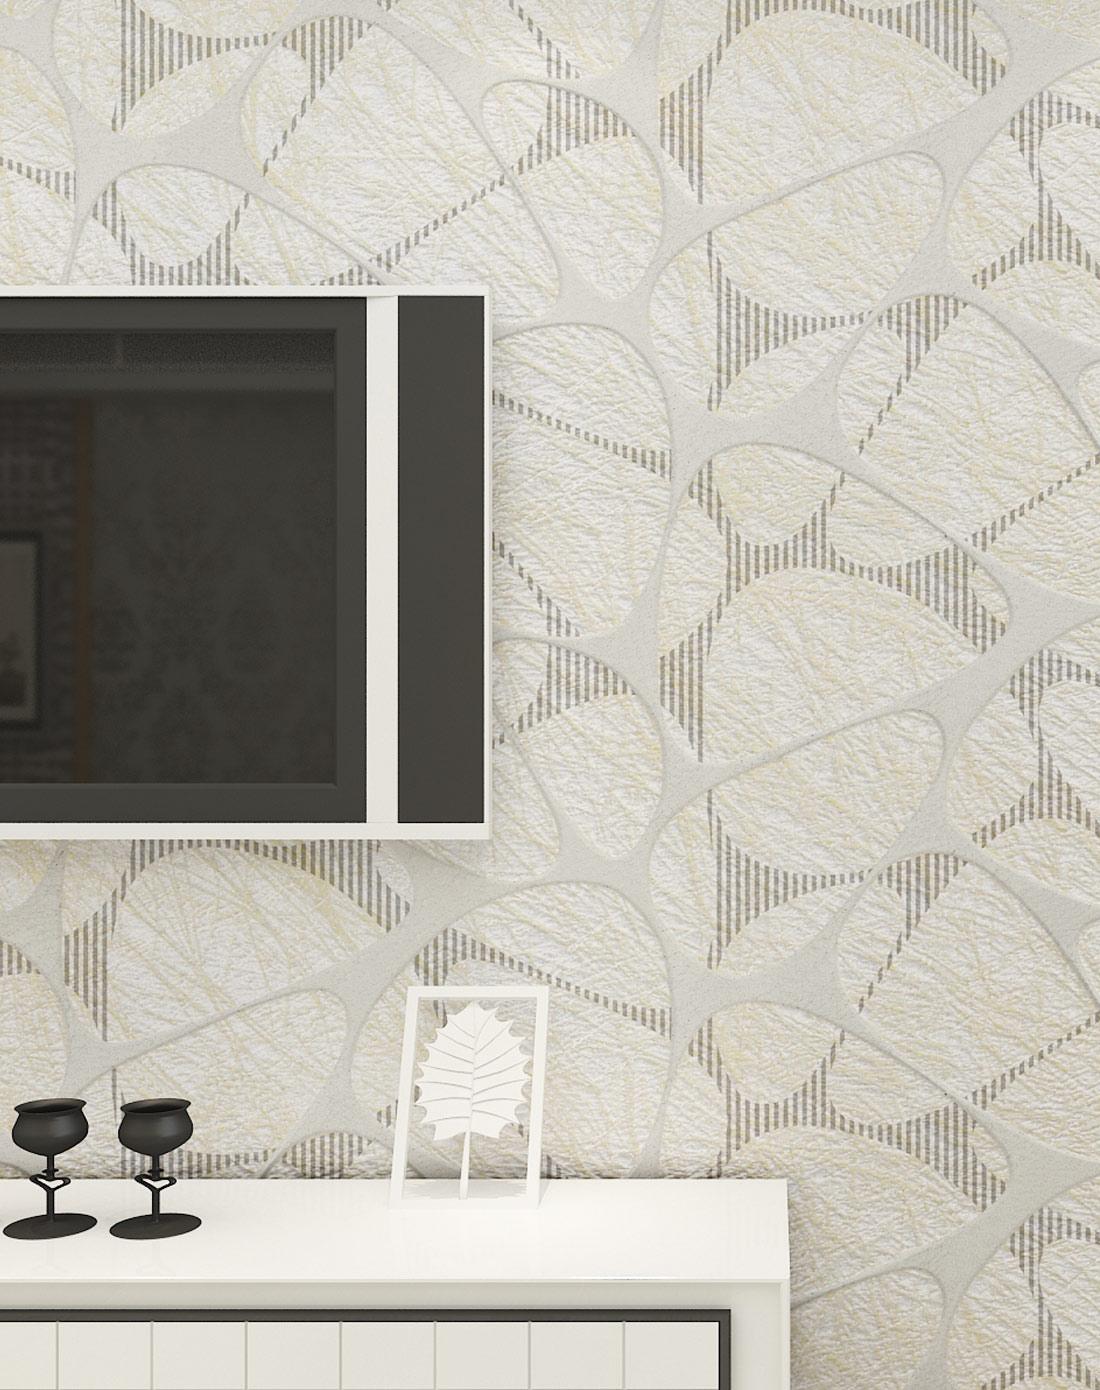 3d立体墙纸 蚕丝壁纸电视背景墙壁纸